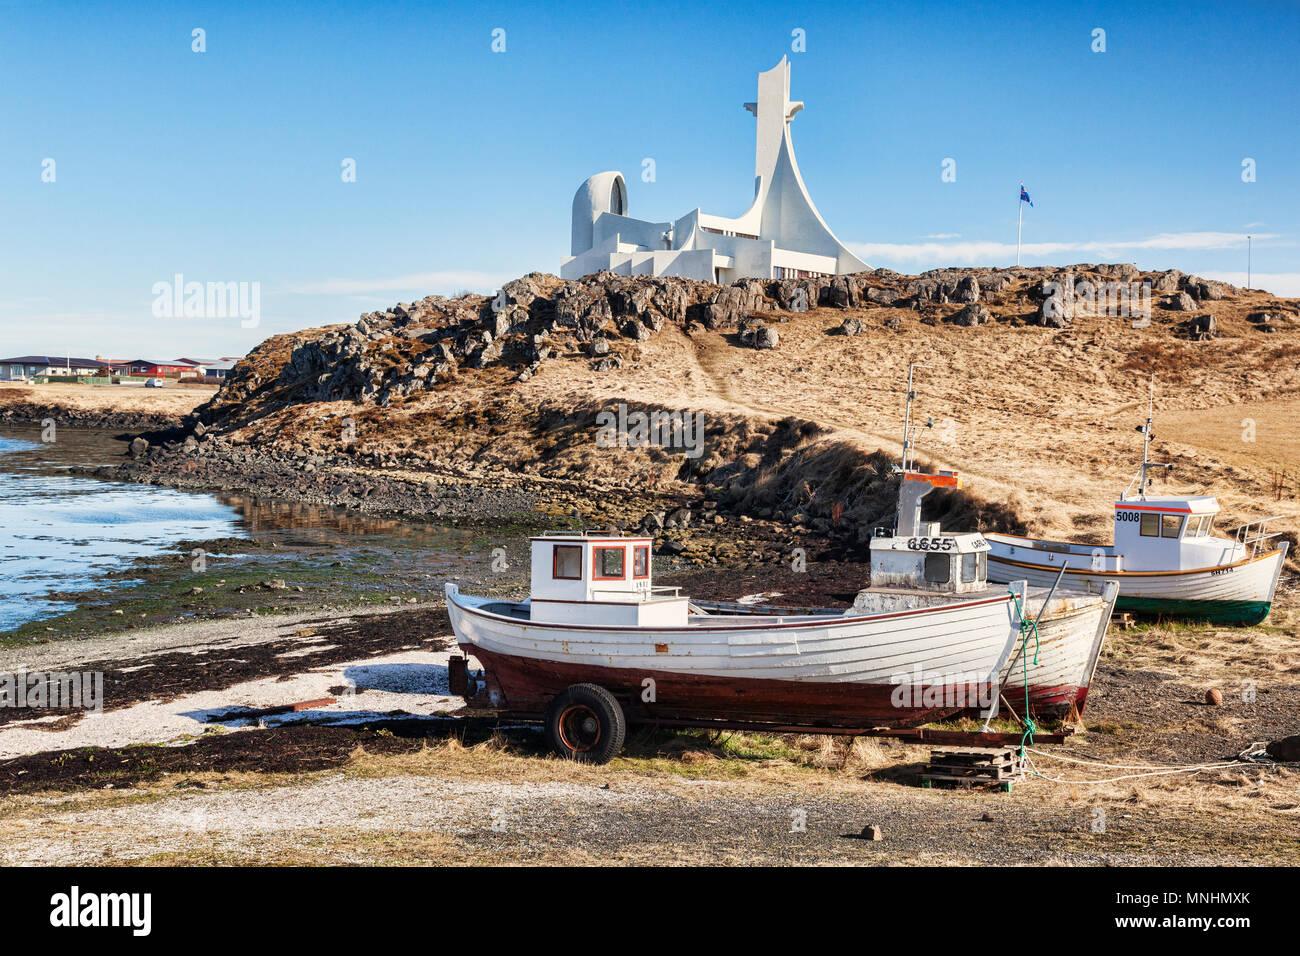 16 avril 2018: église, Péninsule de Snaefellsness Keflavik, Islande de l'Ouest - Une église qui est aussi utilisé comme salle de concert. Photo Stock